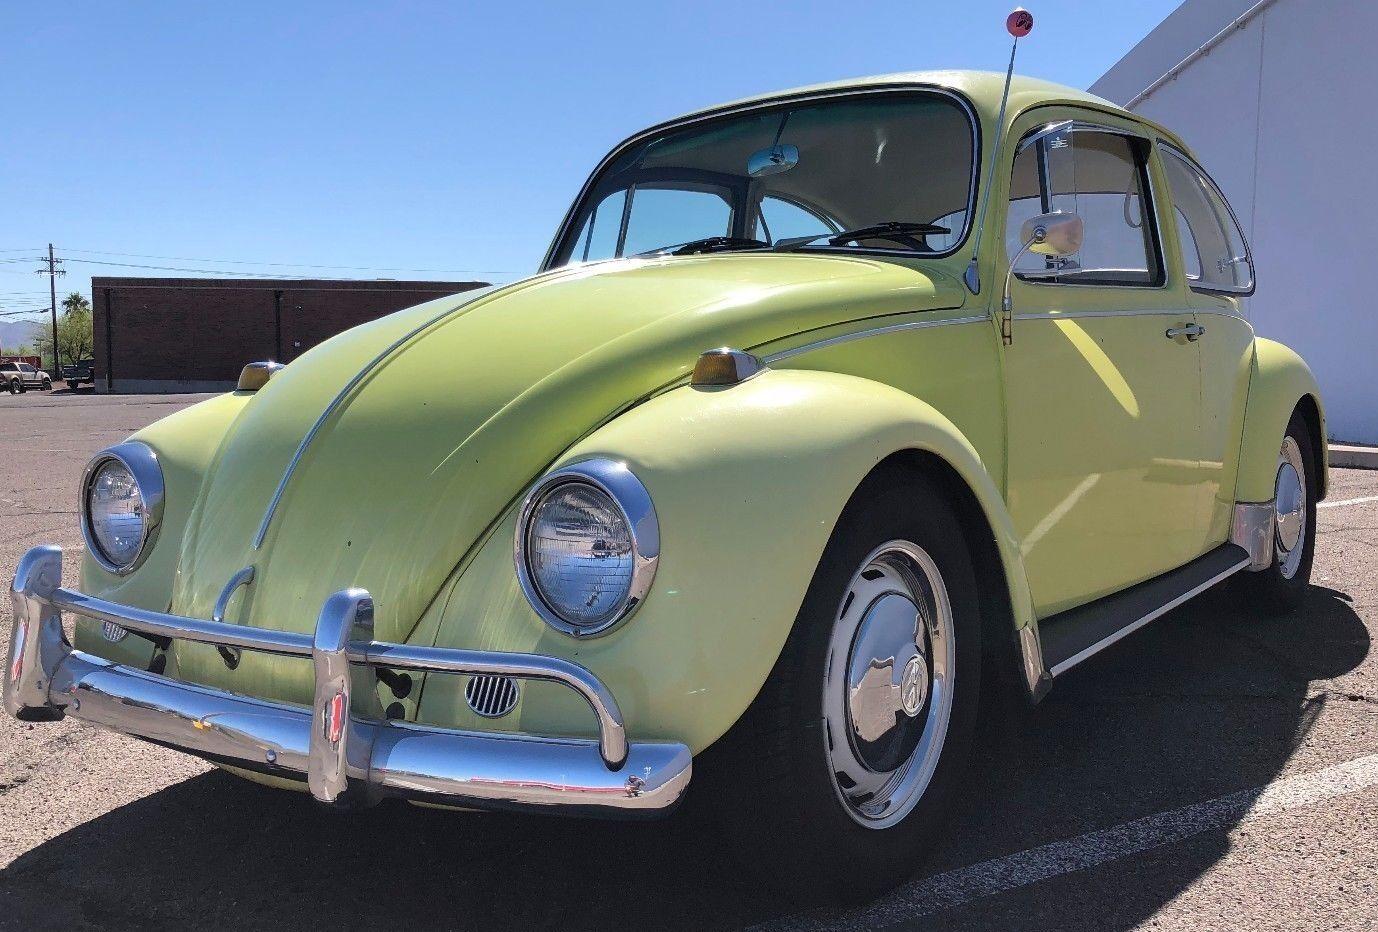 1967 Volkswagen Beetle - Classic  1967 Volkswagen Bug Arizona Original Rust Free Bought New in Tucson